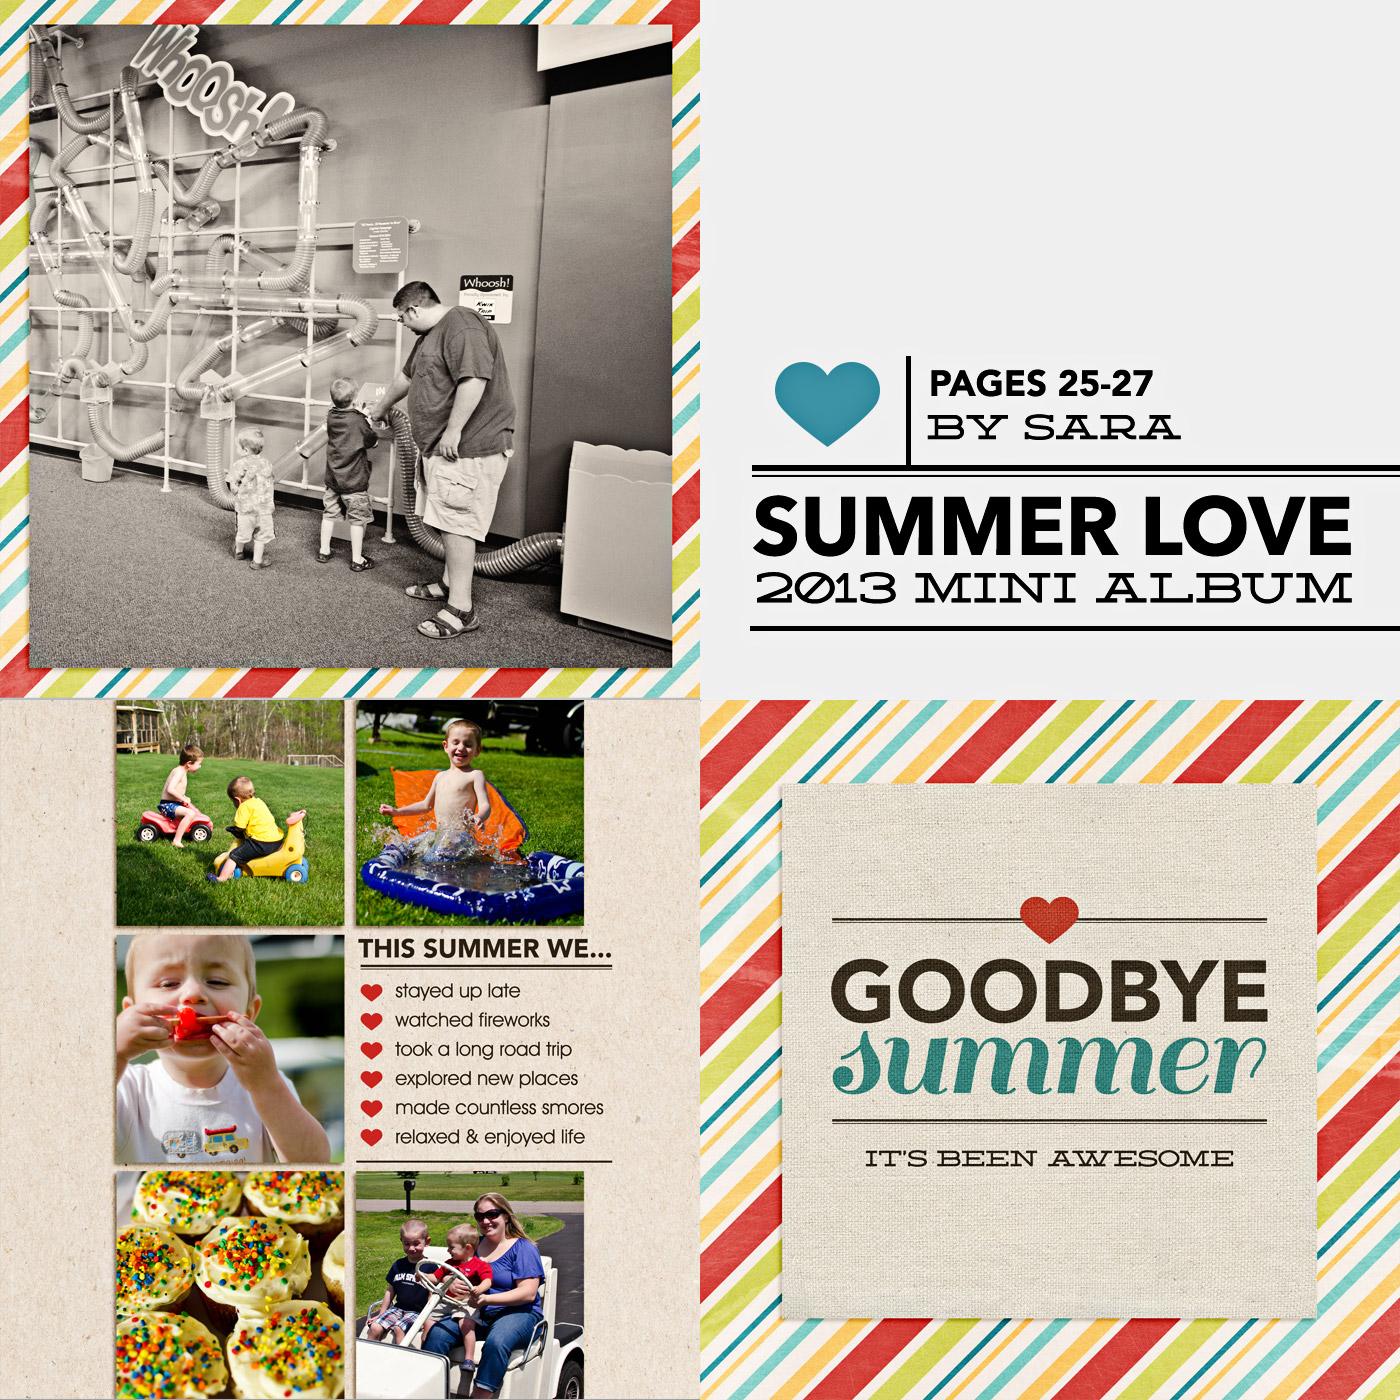 nettiodesigns_SummerLove-pg25-27-sara